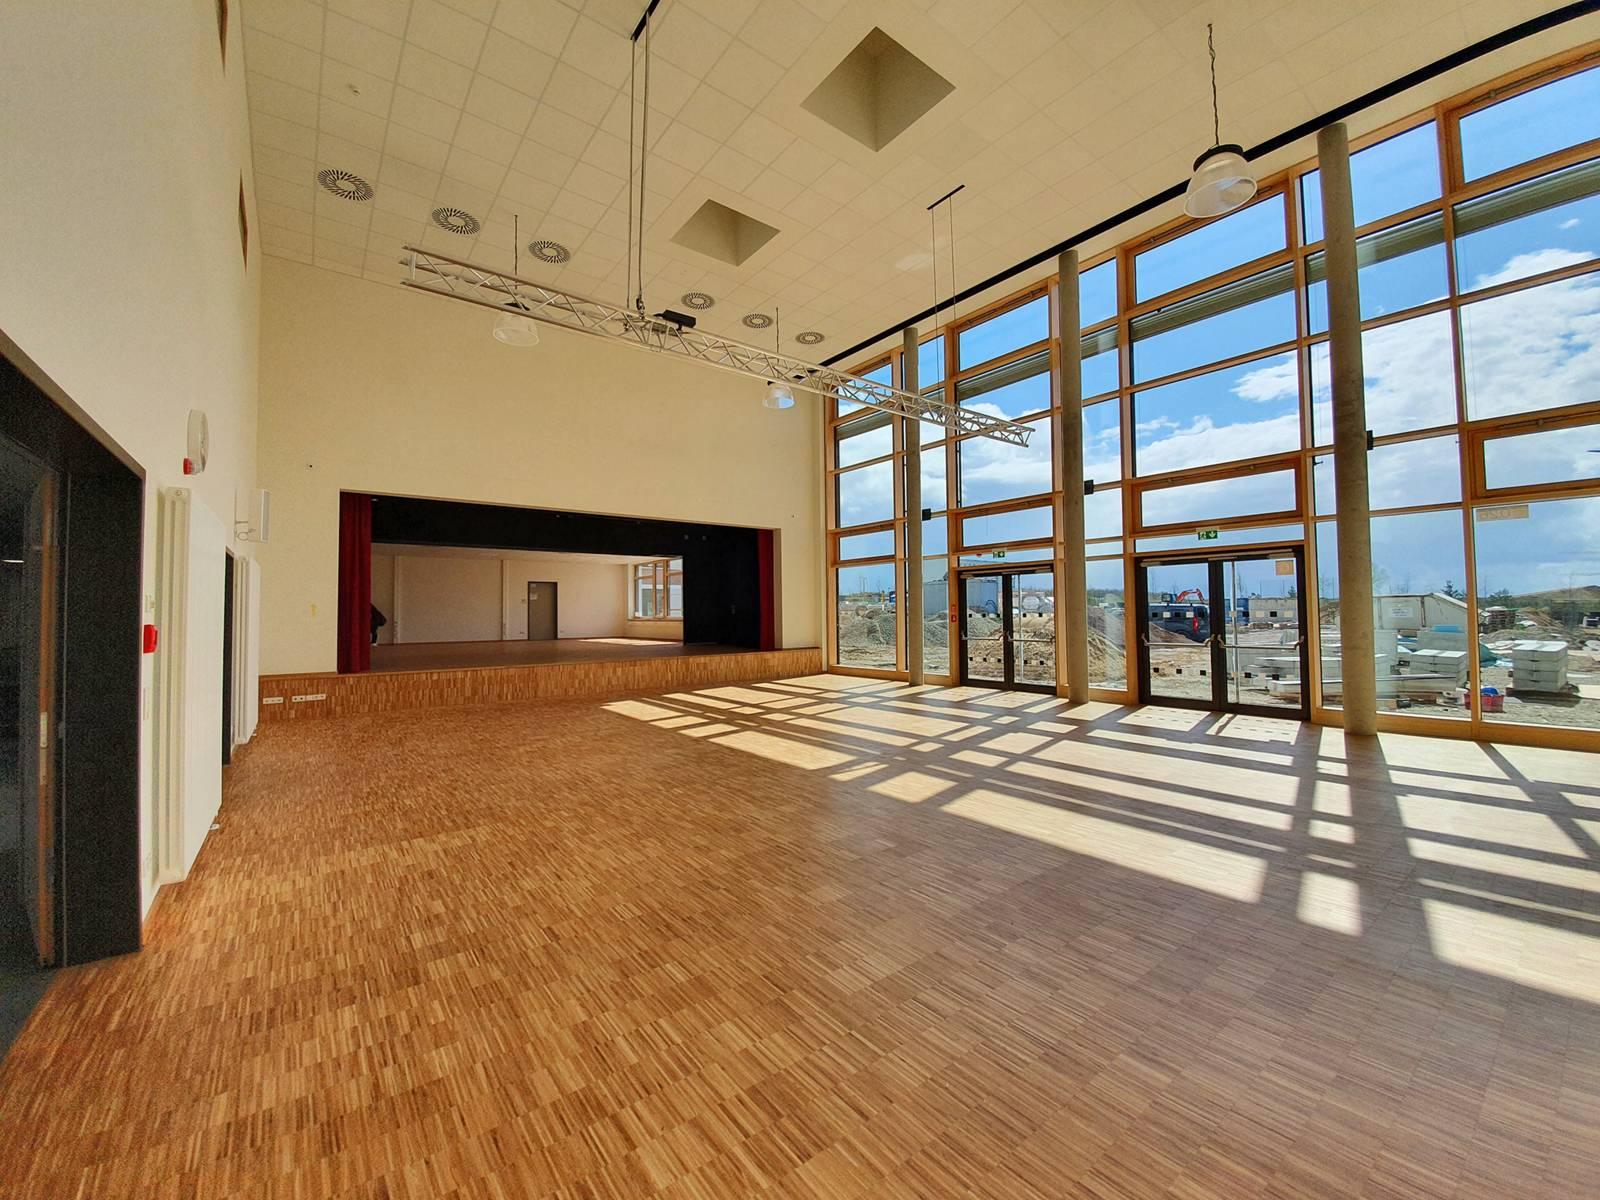 Eine Aula mit großer Glasfront